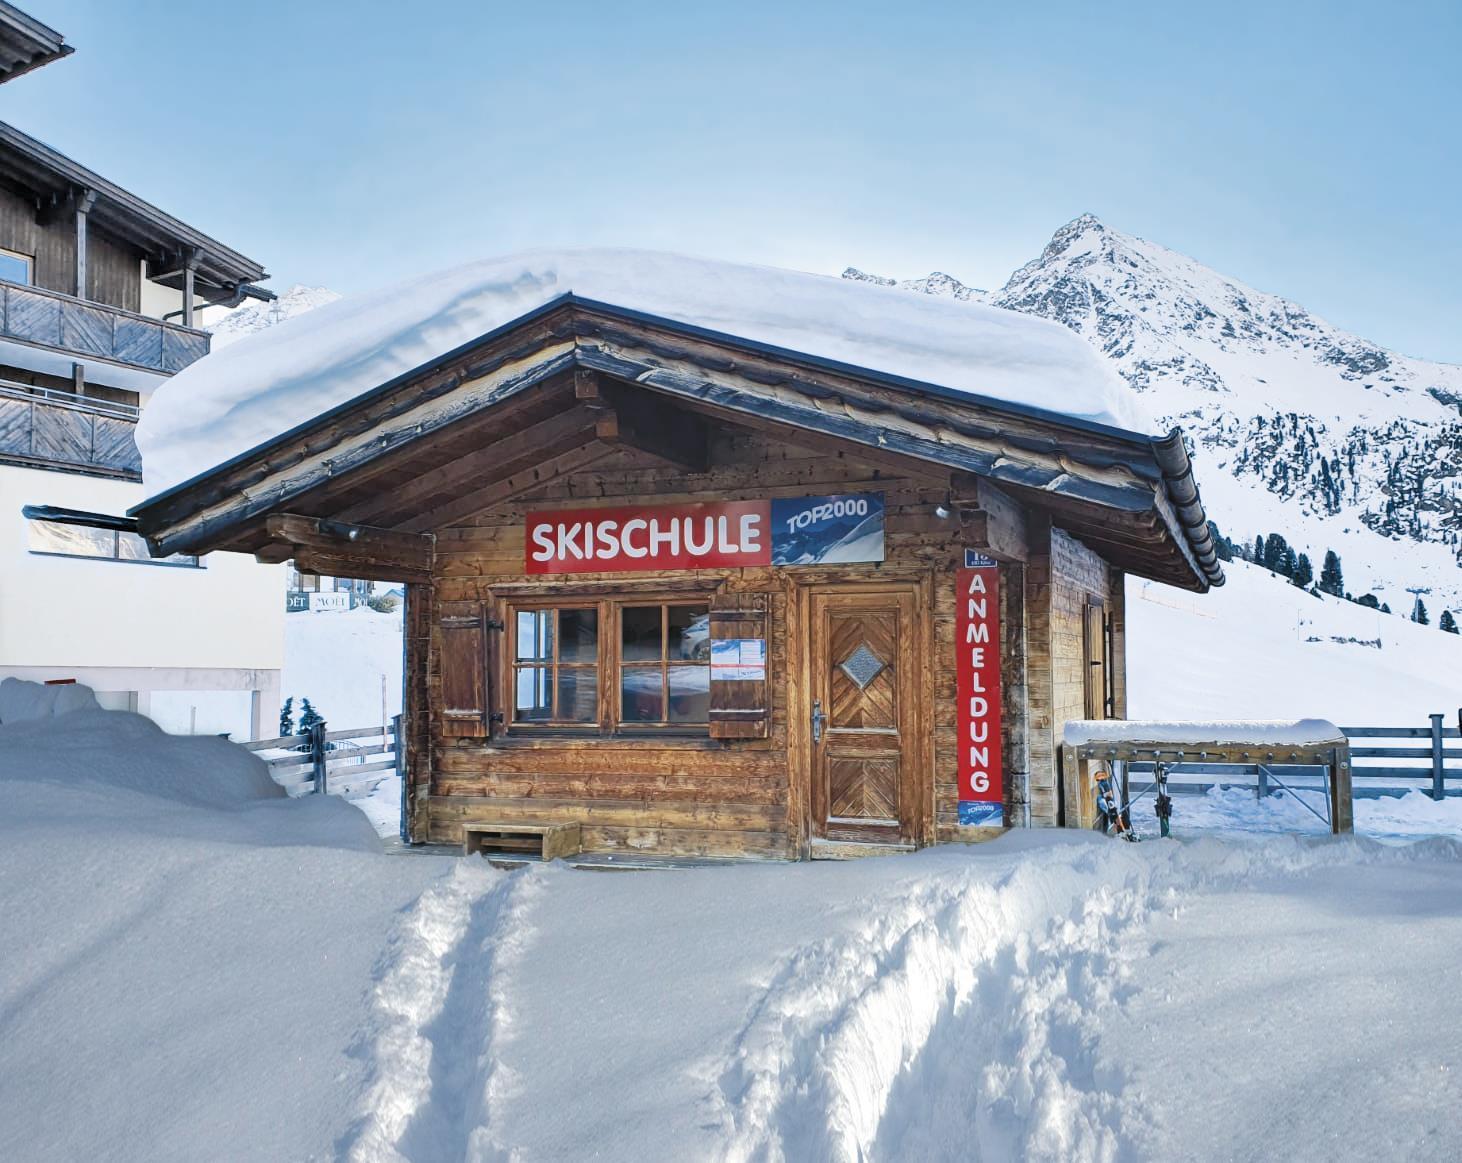 Skischule Top2000